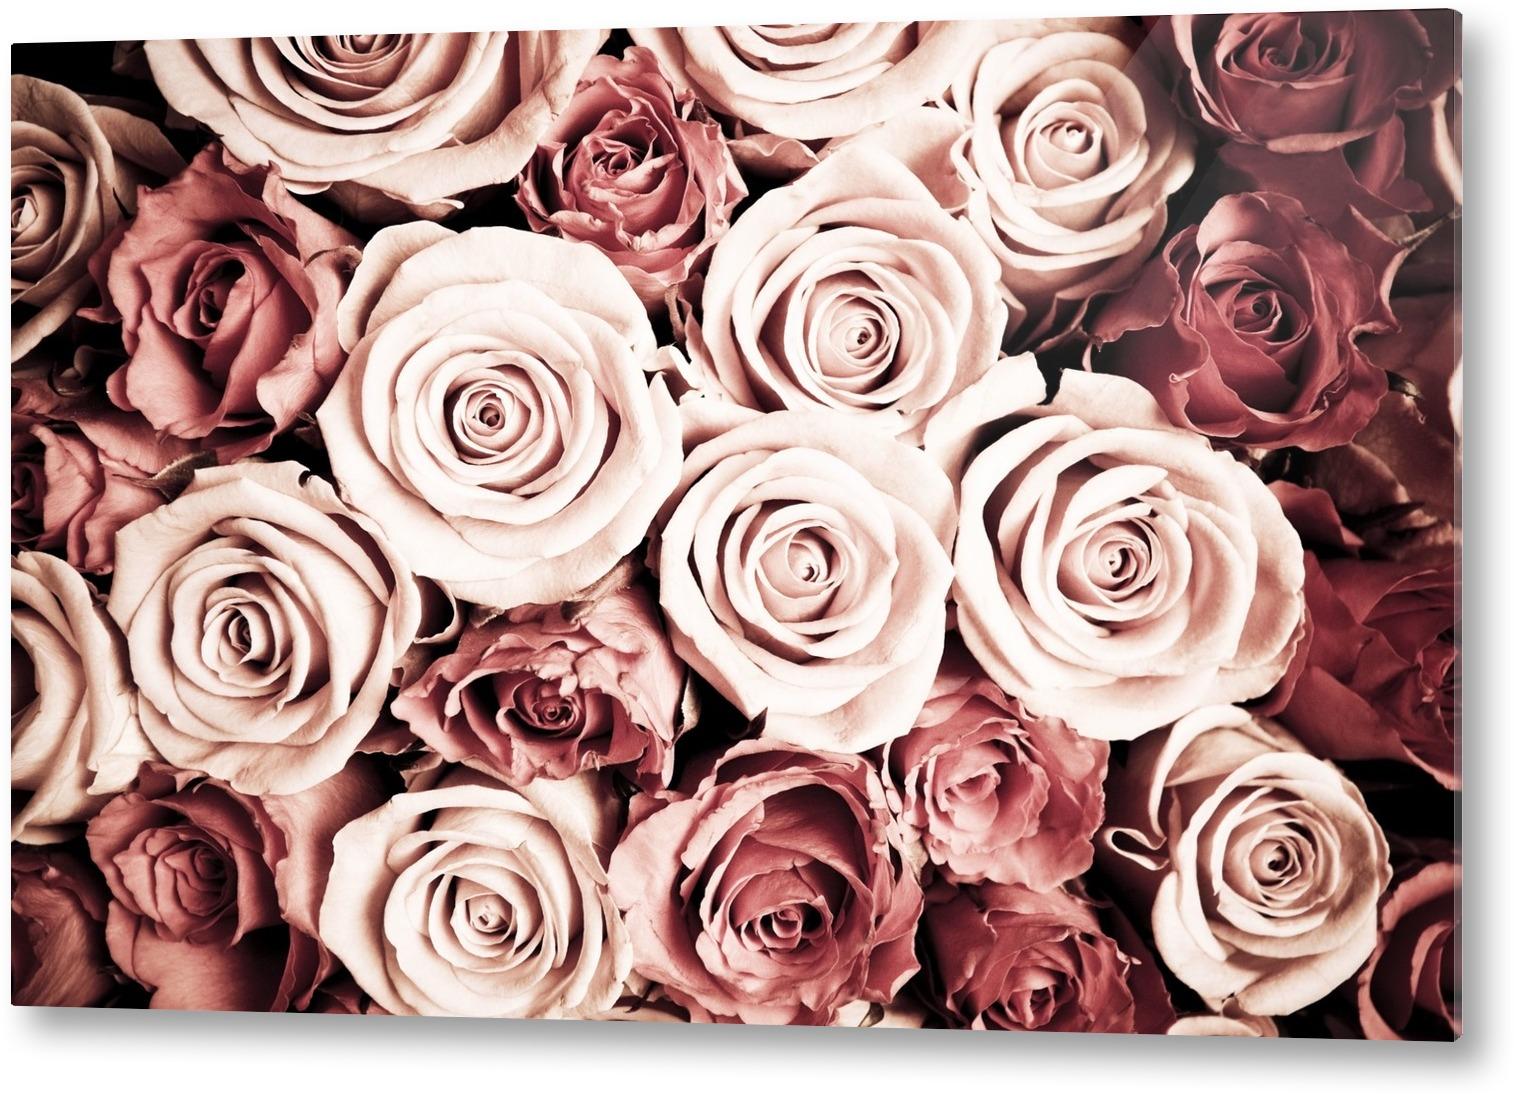 faktum k?k m?tt  Rosor tavla Canvastavla Ros Rosa R?da Romantik